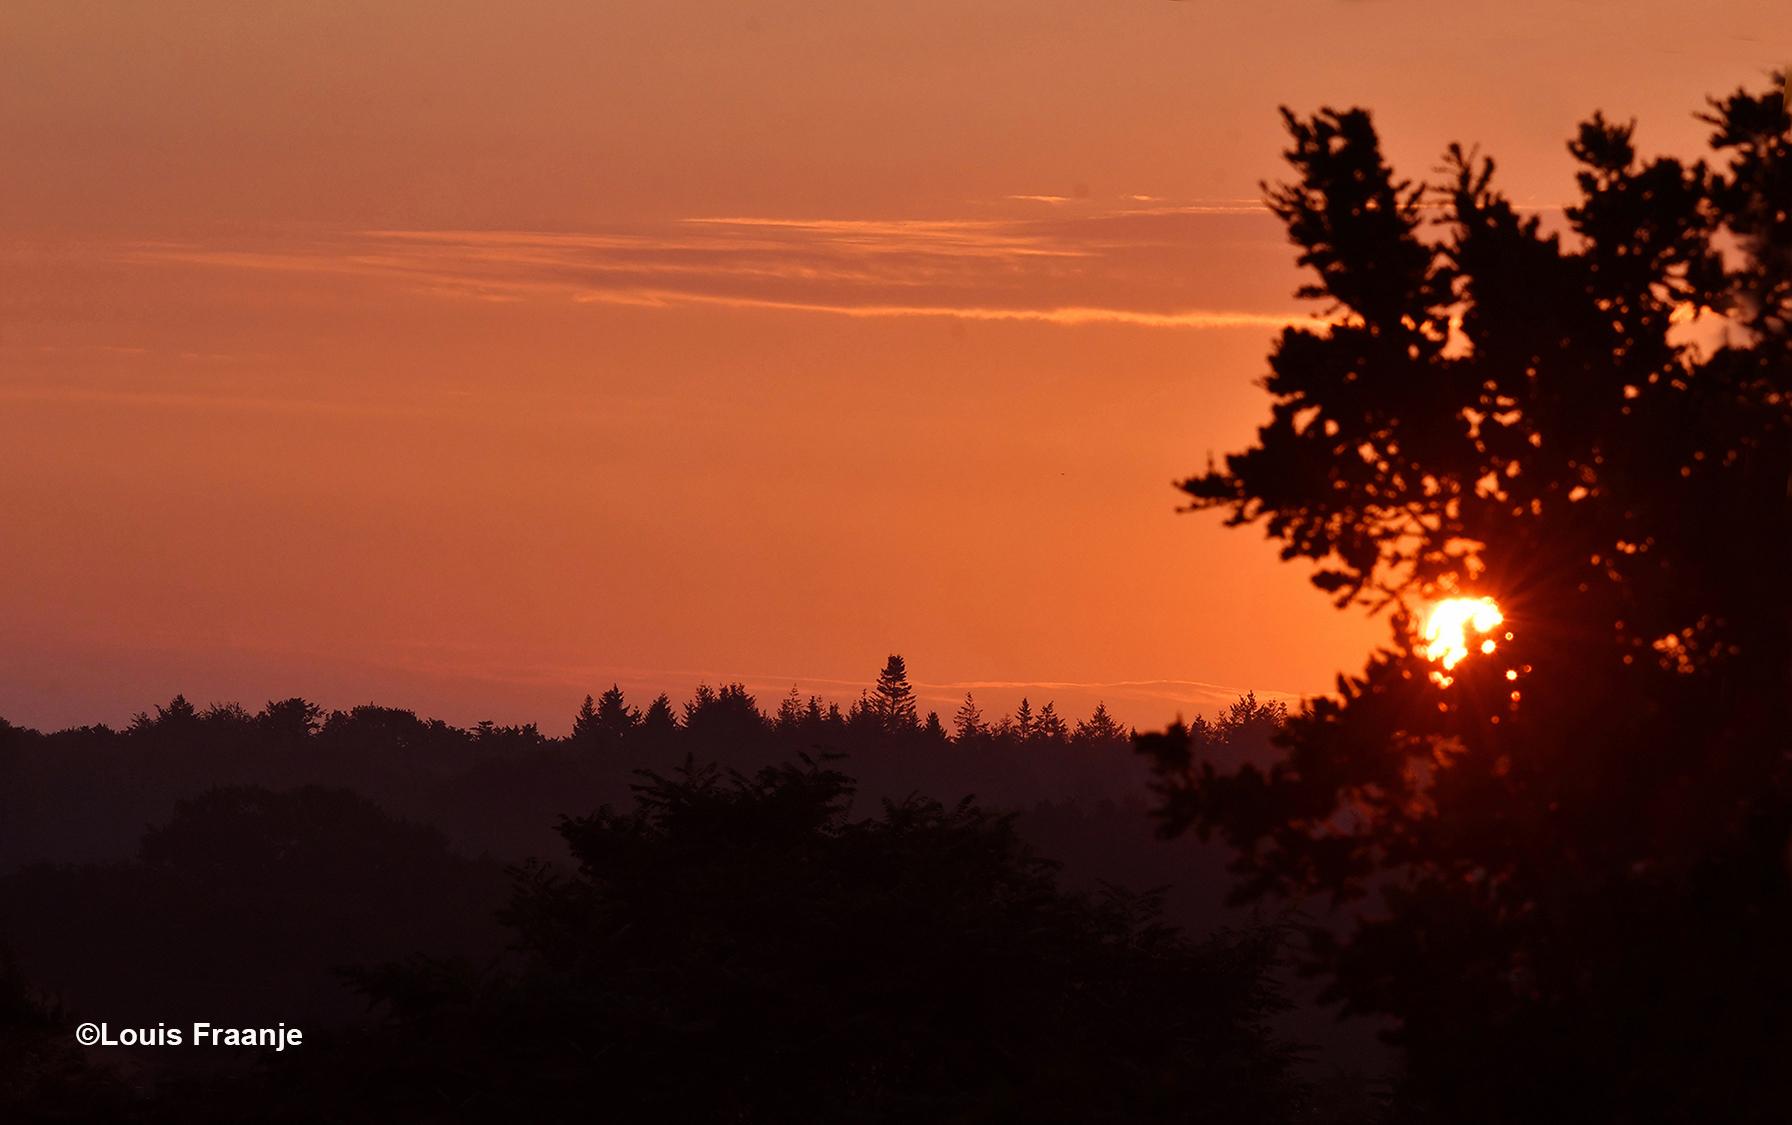 Vanmorgen om 06.15 uur scheen de zon ons dwars door de bomen tegemoet - Foto: ©Louis Fraanje